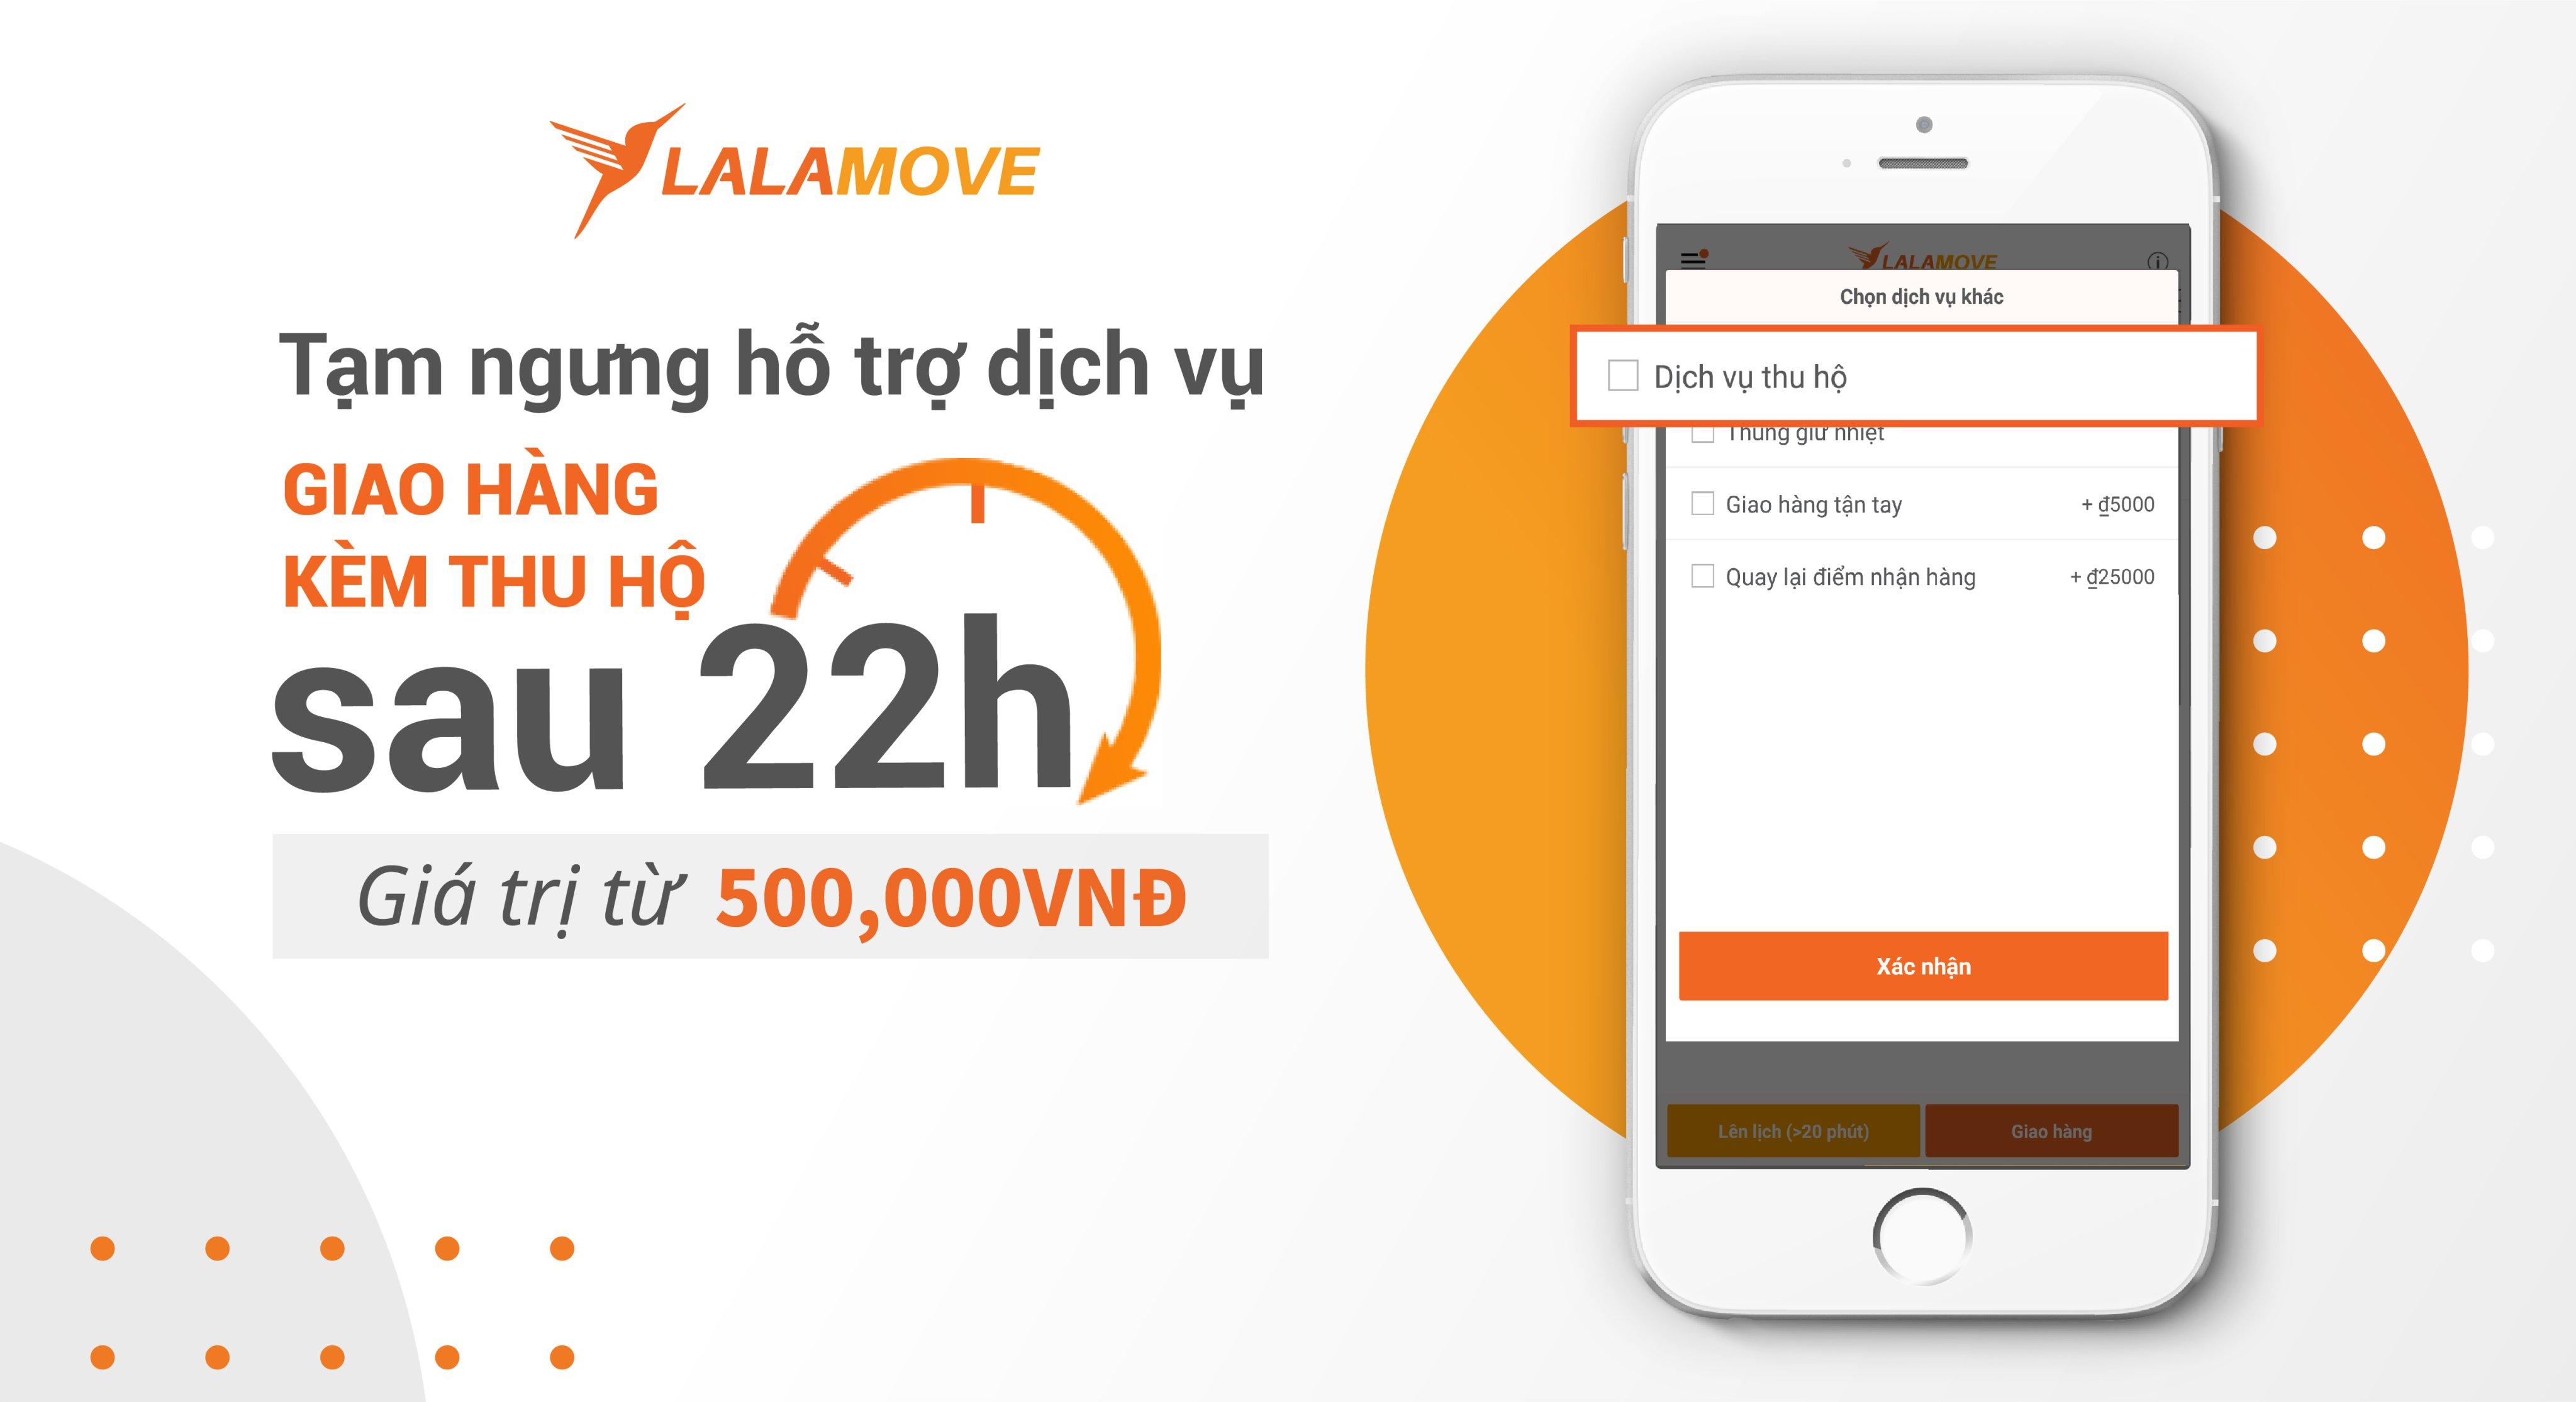 """[Cập nhật] Lalamove tạm ngưng hỗ trợ dịch vụ """"Giao hàng kèm thu hộ"""" với giá trị trên 500,000 VND sau 22h"""